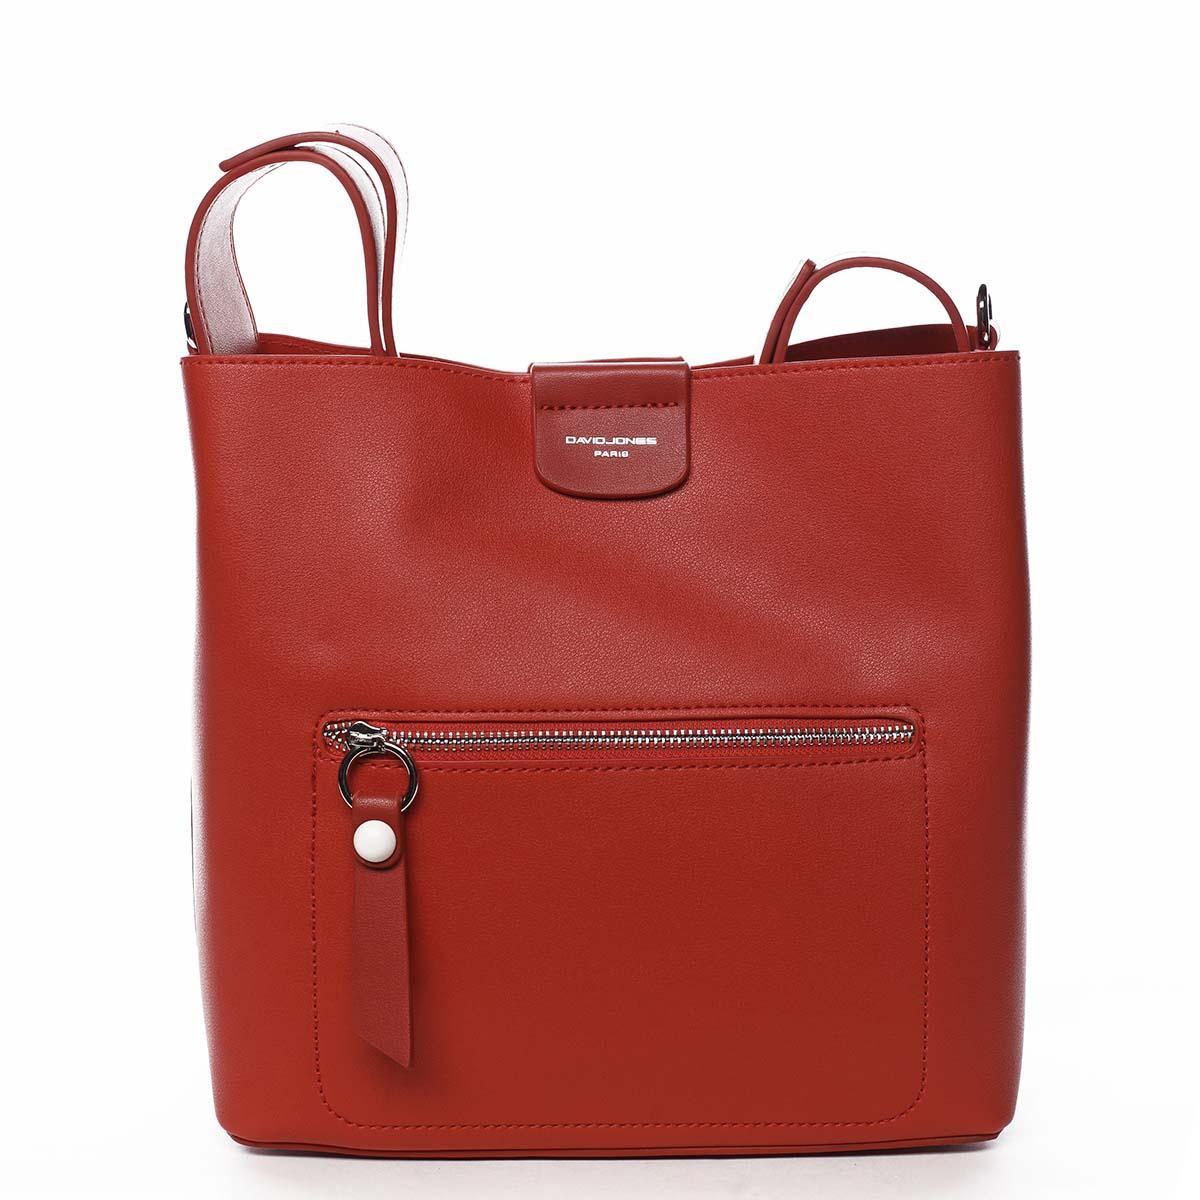 Dámska kabelka cez plece červená - David Jones Salma